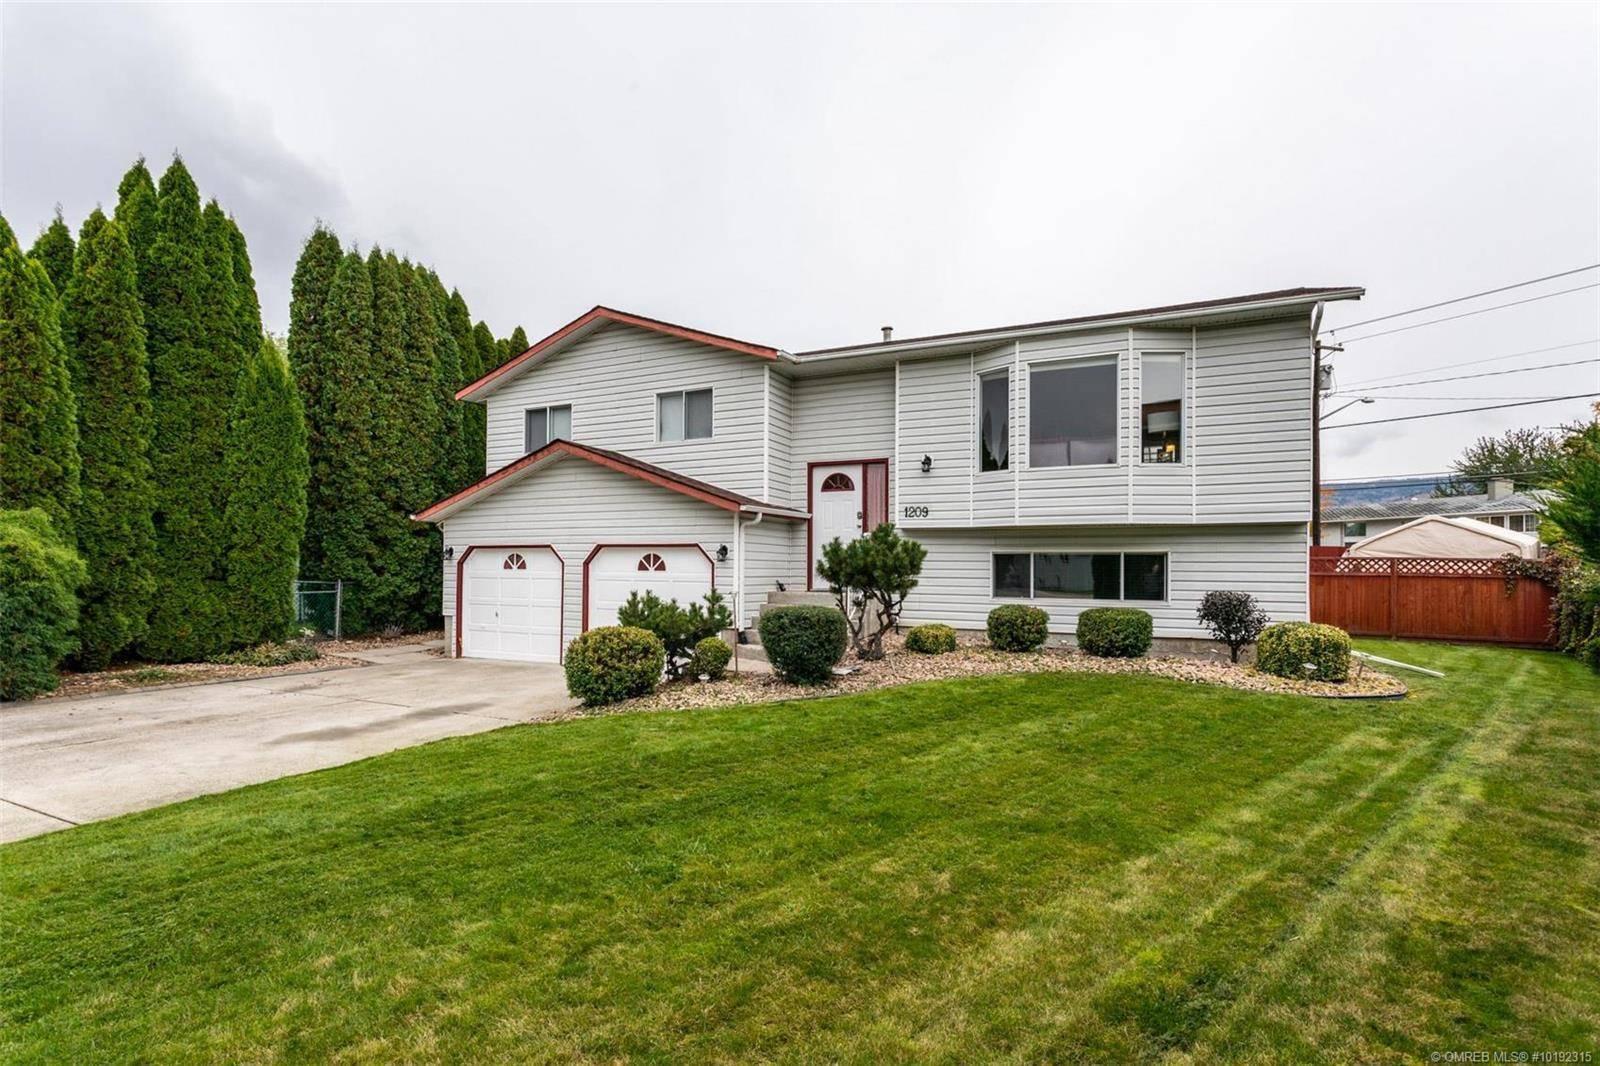 House for sale at 1209 Sanborn Ct Kelowna British Columbia - MLS: 10192315